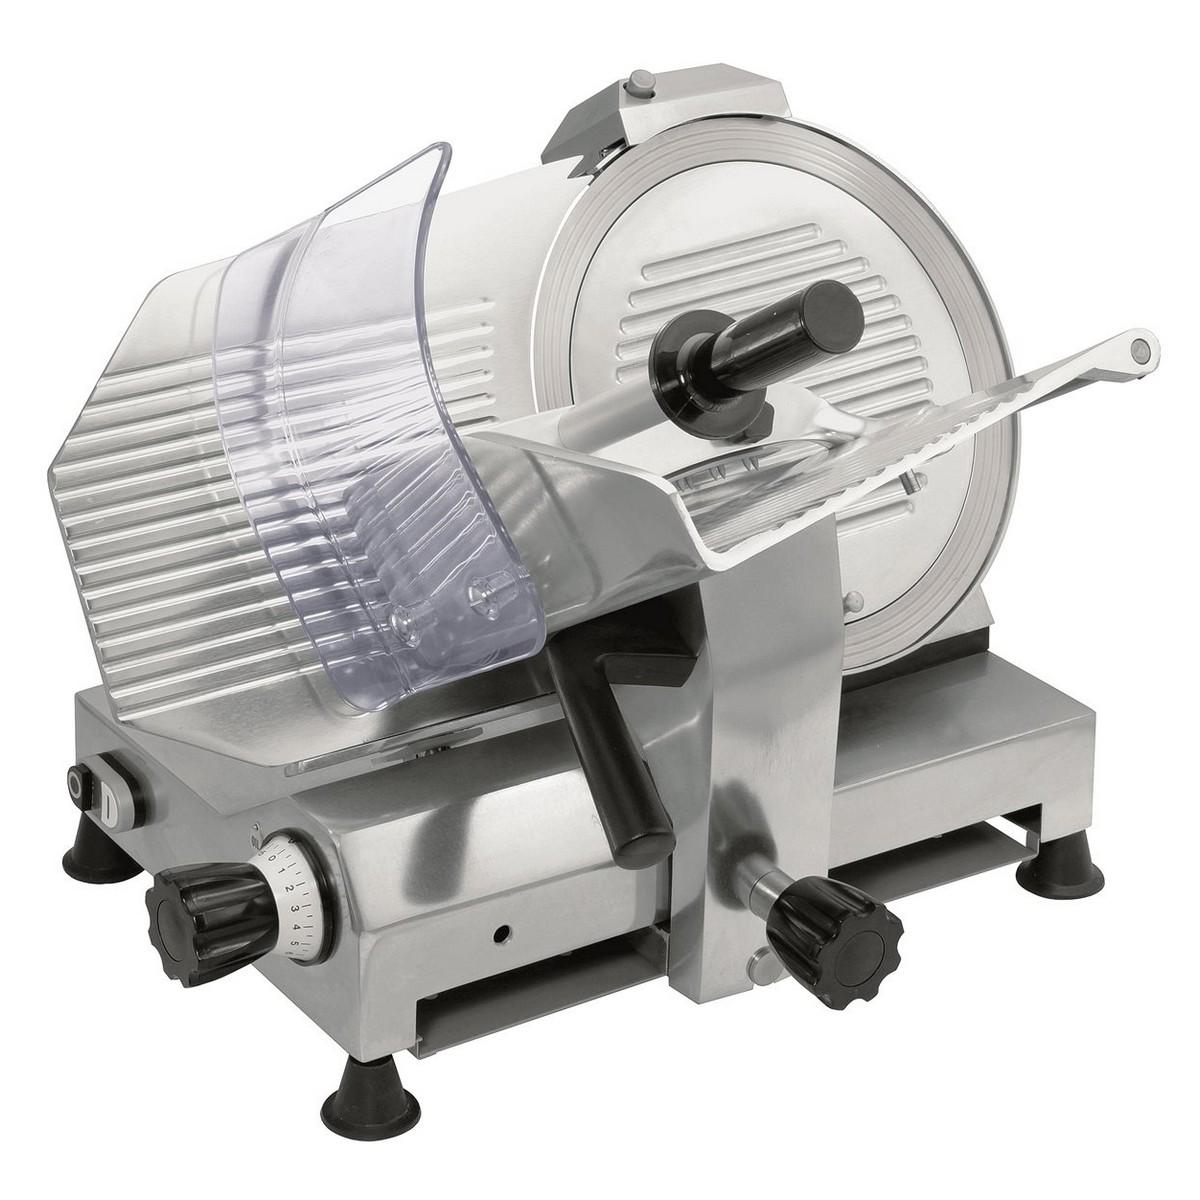 Affettatrice Modello GPR300 MN - Acciaio con Lama Teflon Ø 300 mm